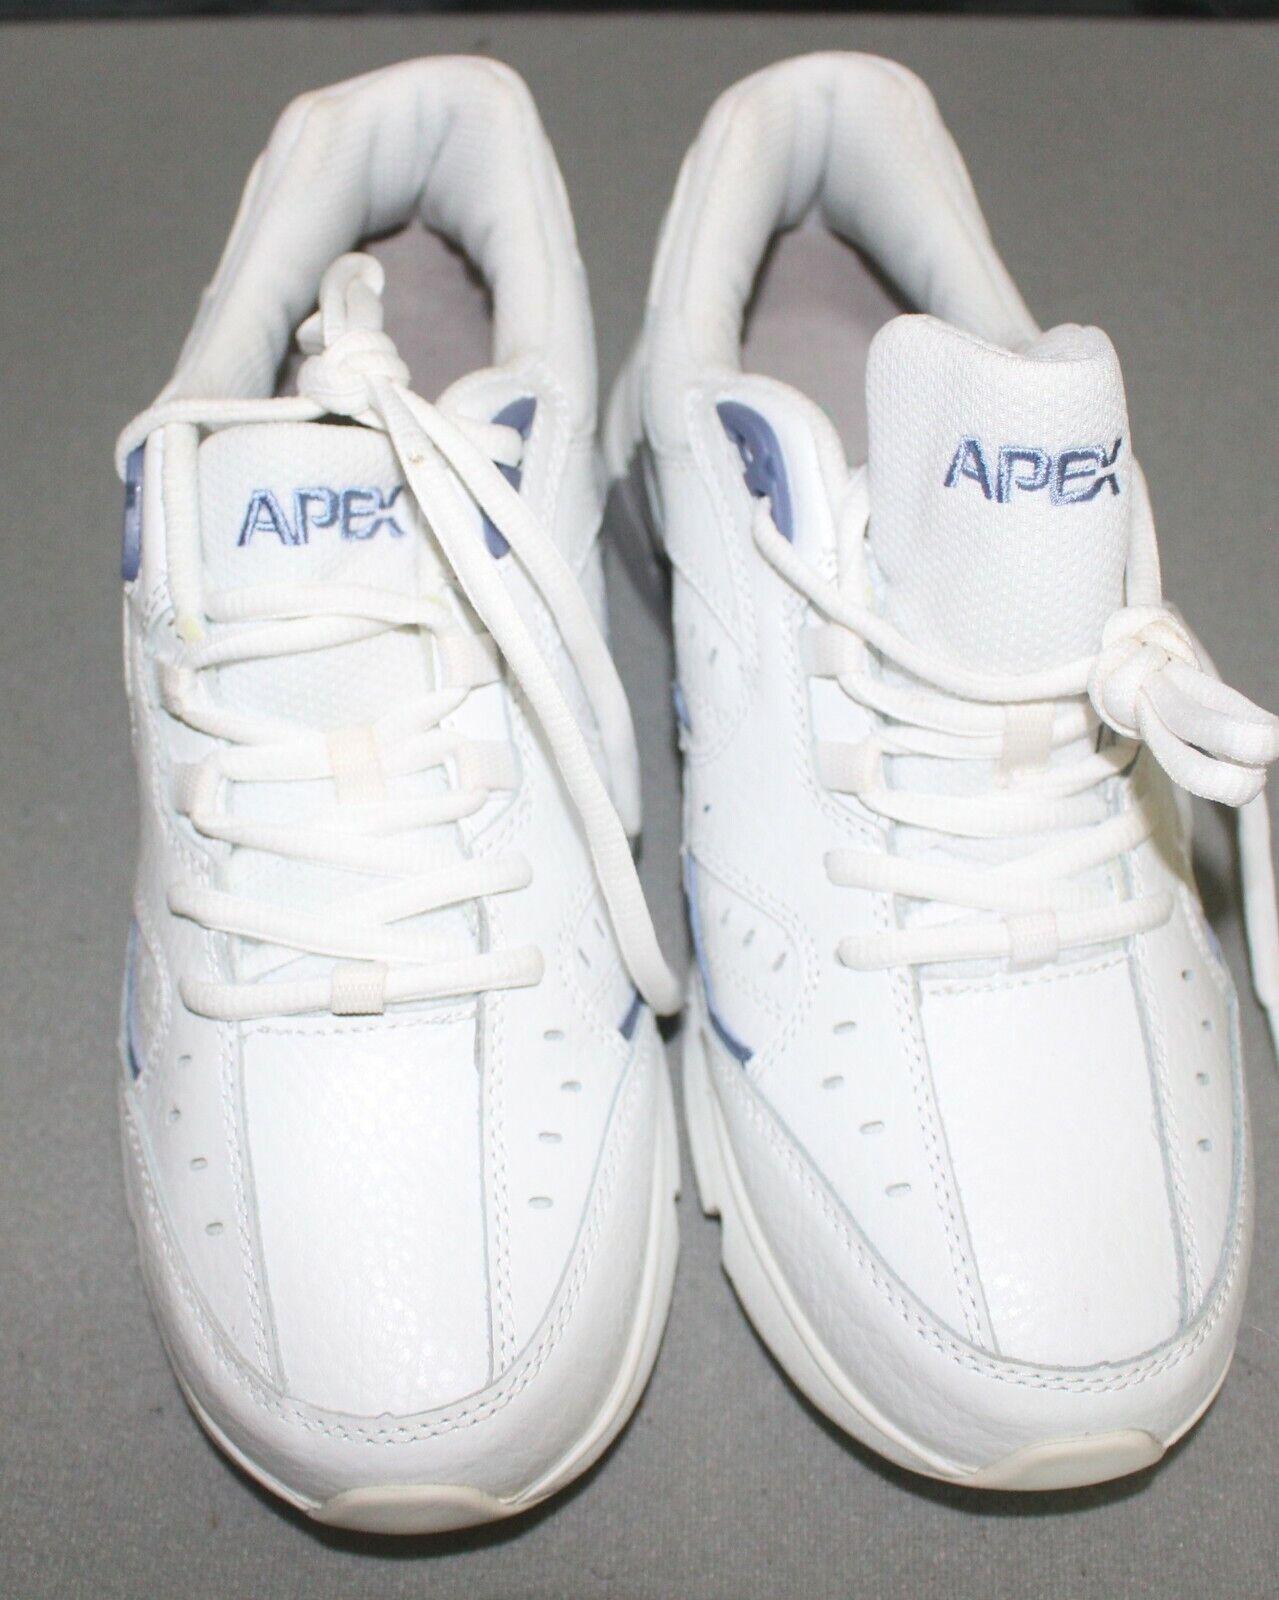 Apex Mujer V854 blancoo Zapatos Para caminar Cuero Medio Con Cordones bígaro